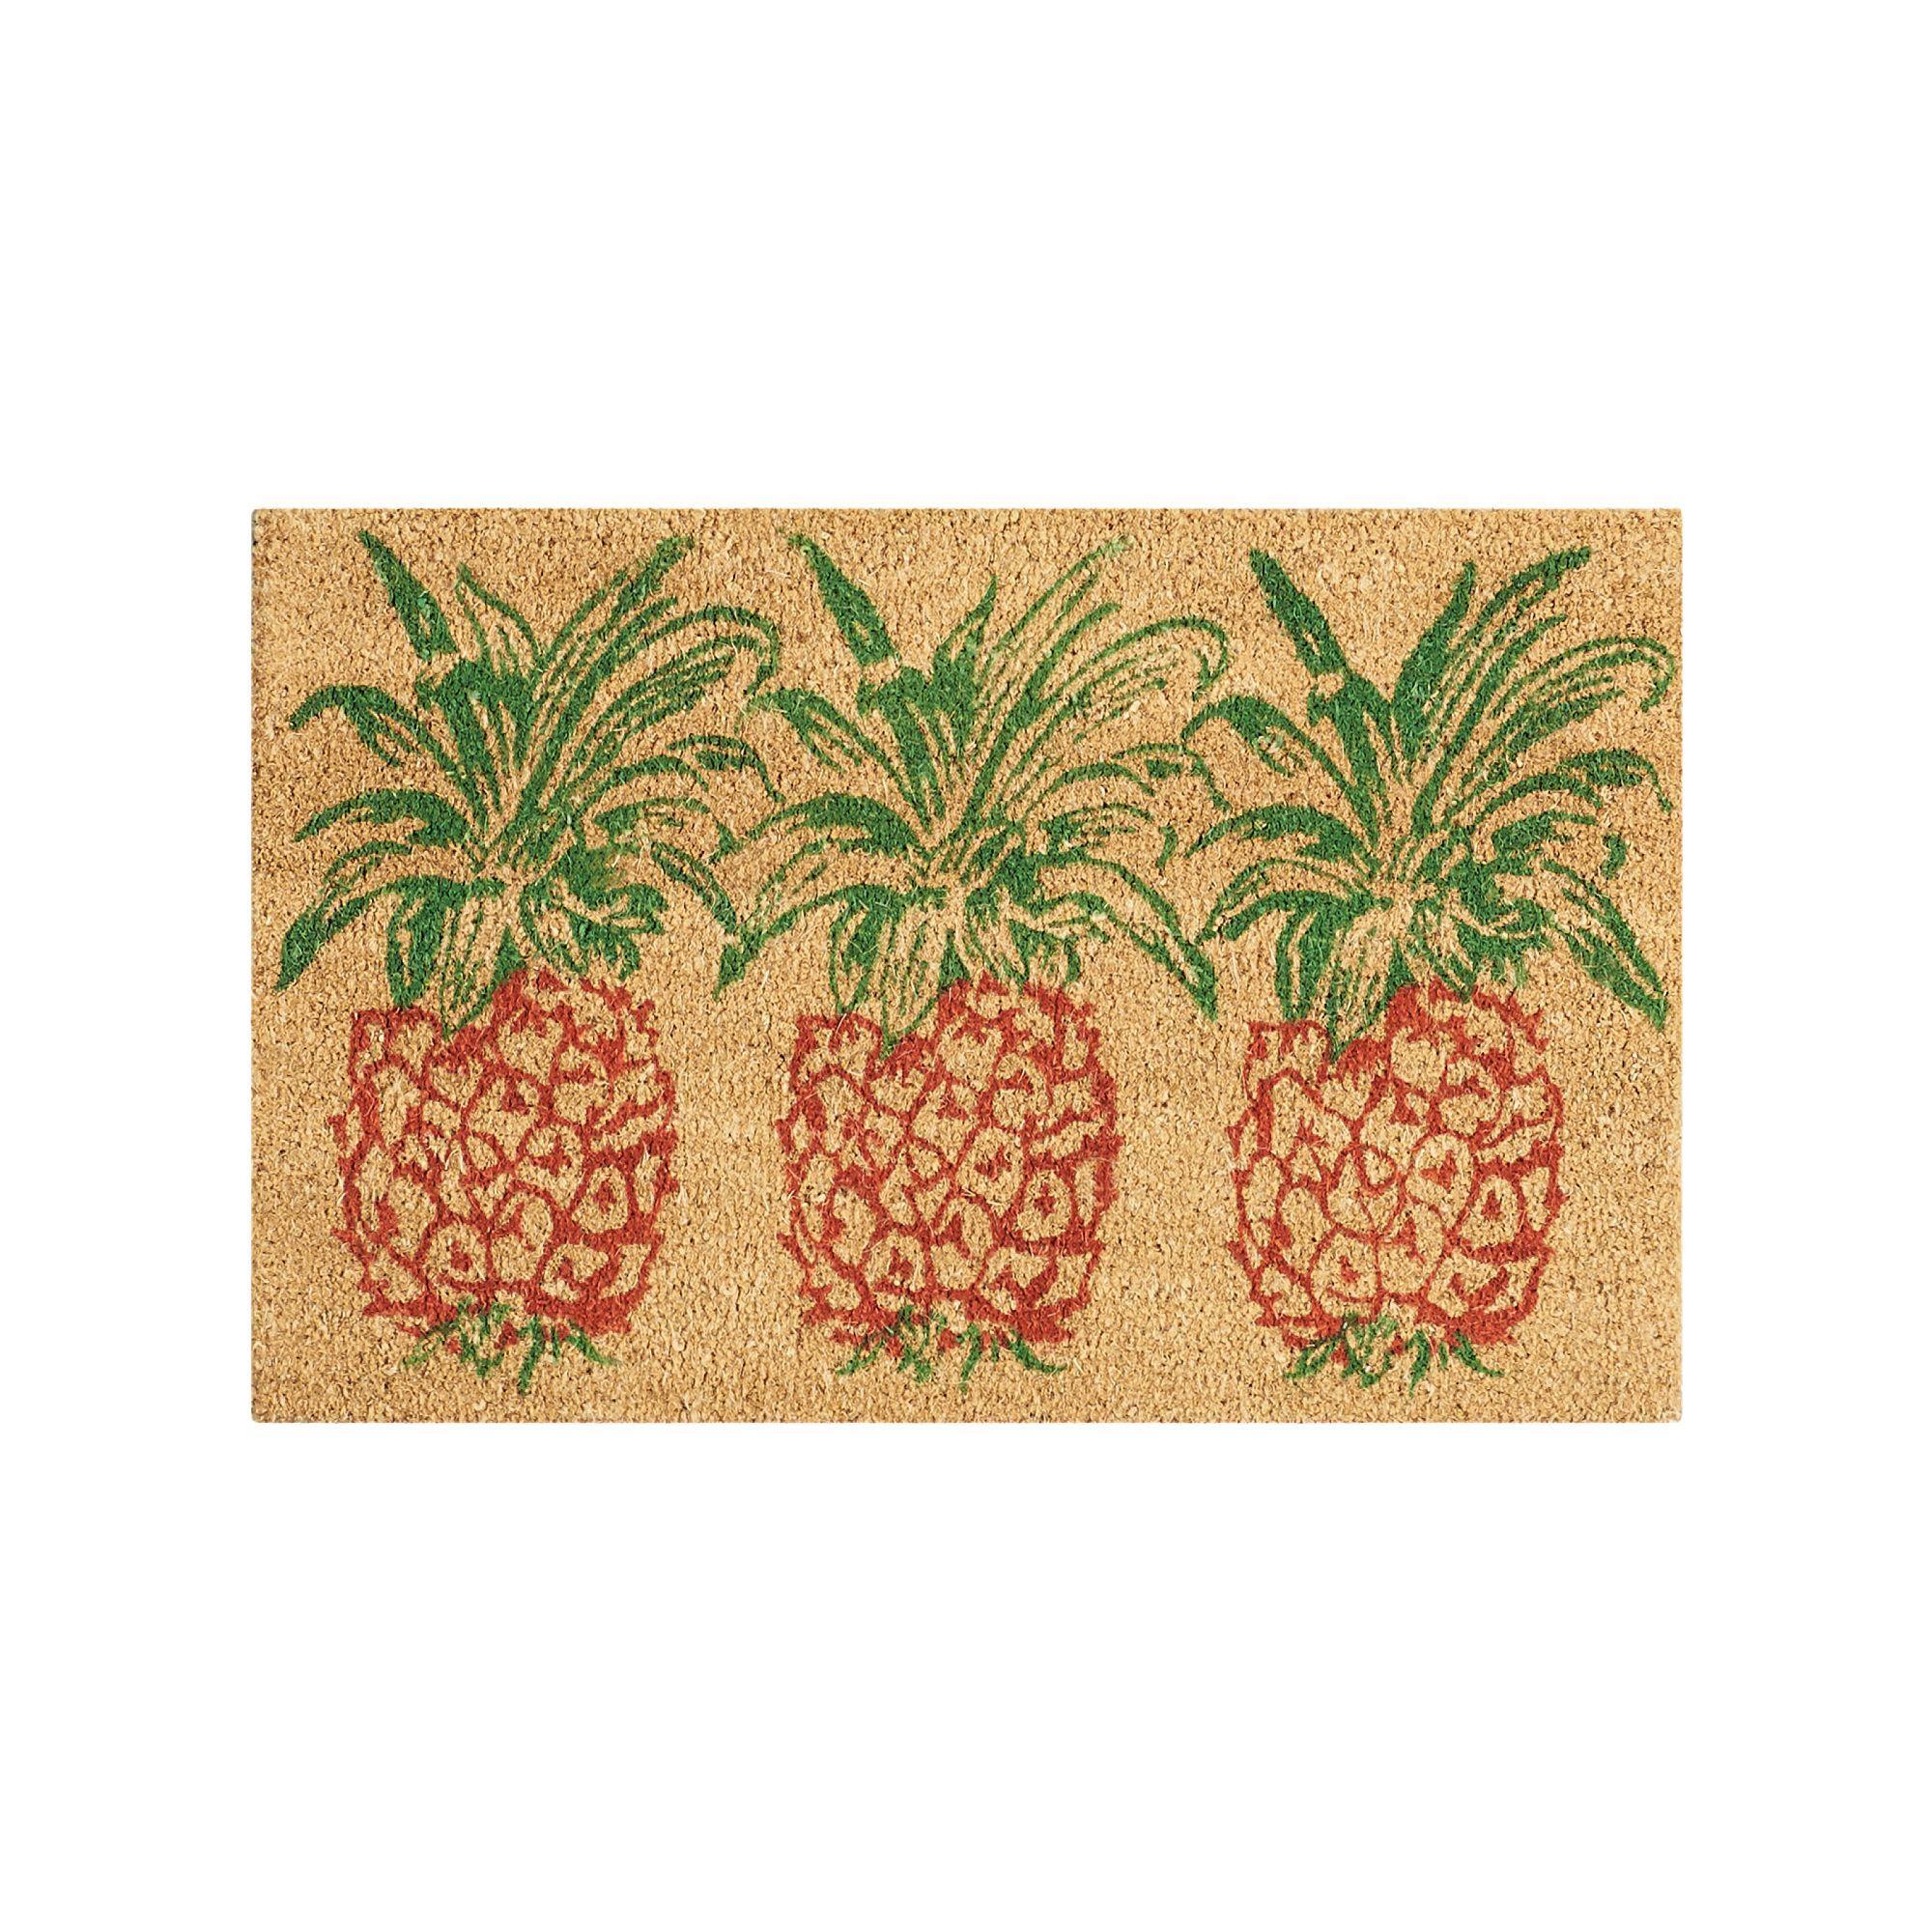 Waverly greetings pineapple coir doormat orange oth coir waverly greetings pineapple coir doormat orange oth kristyandbryce Images